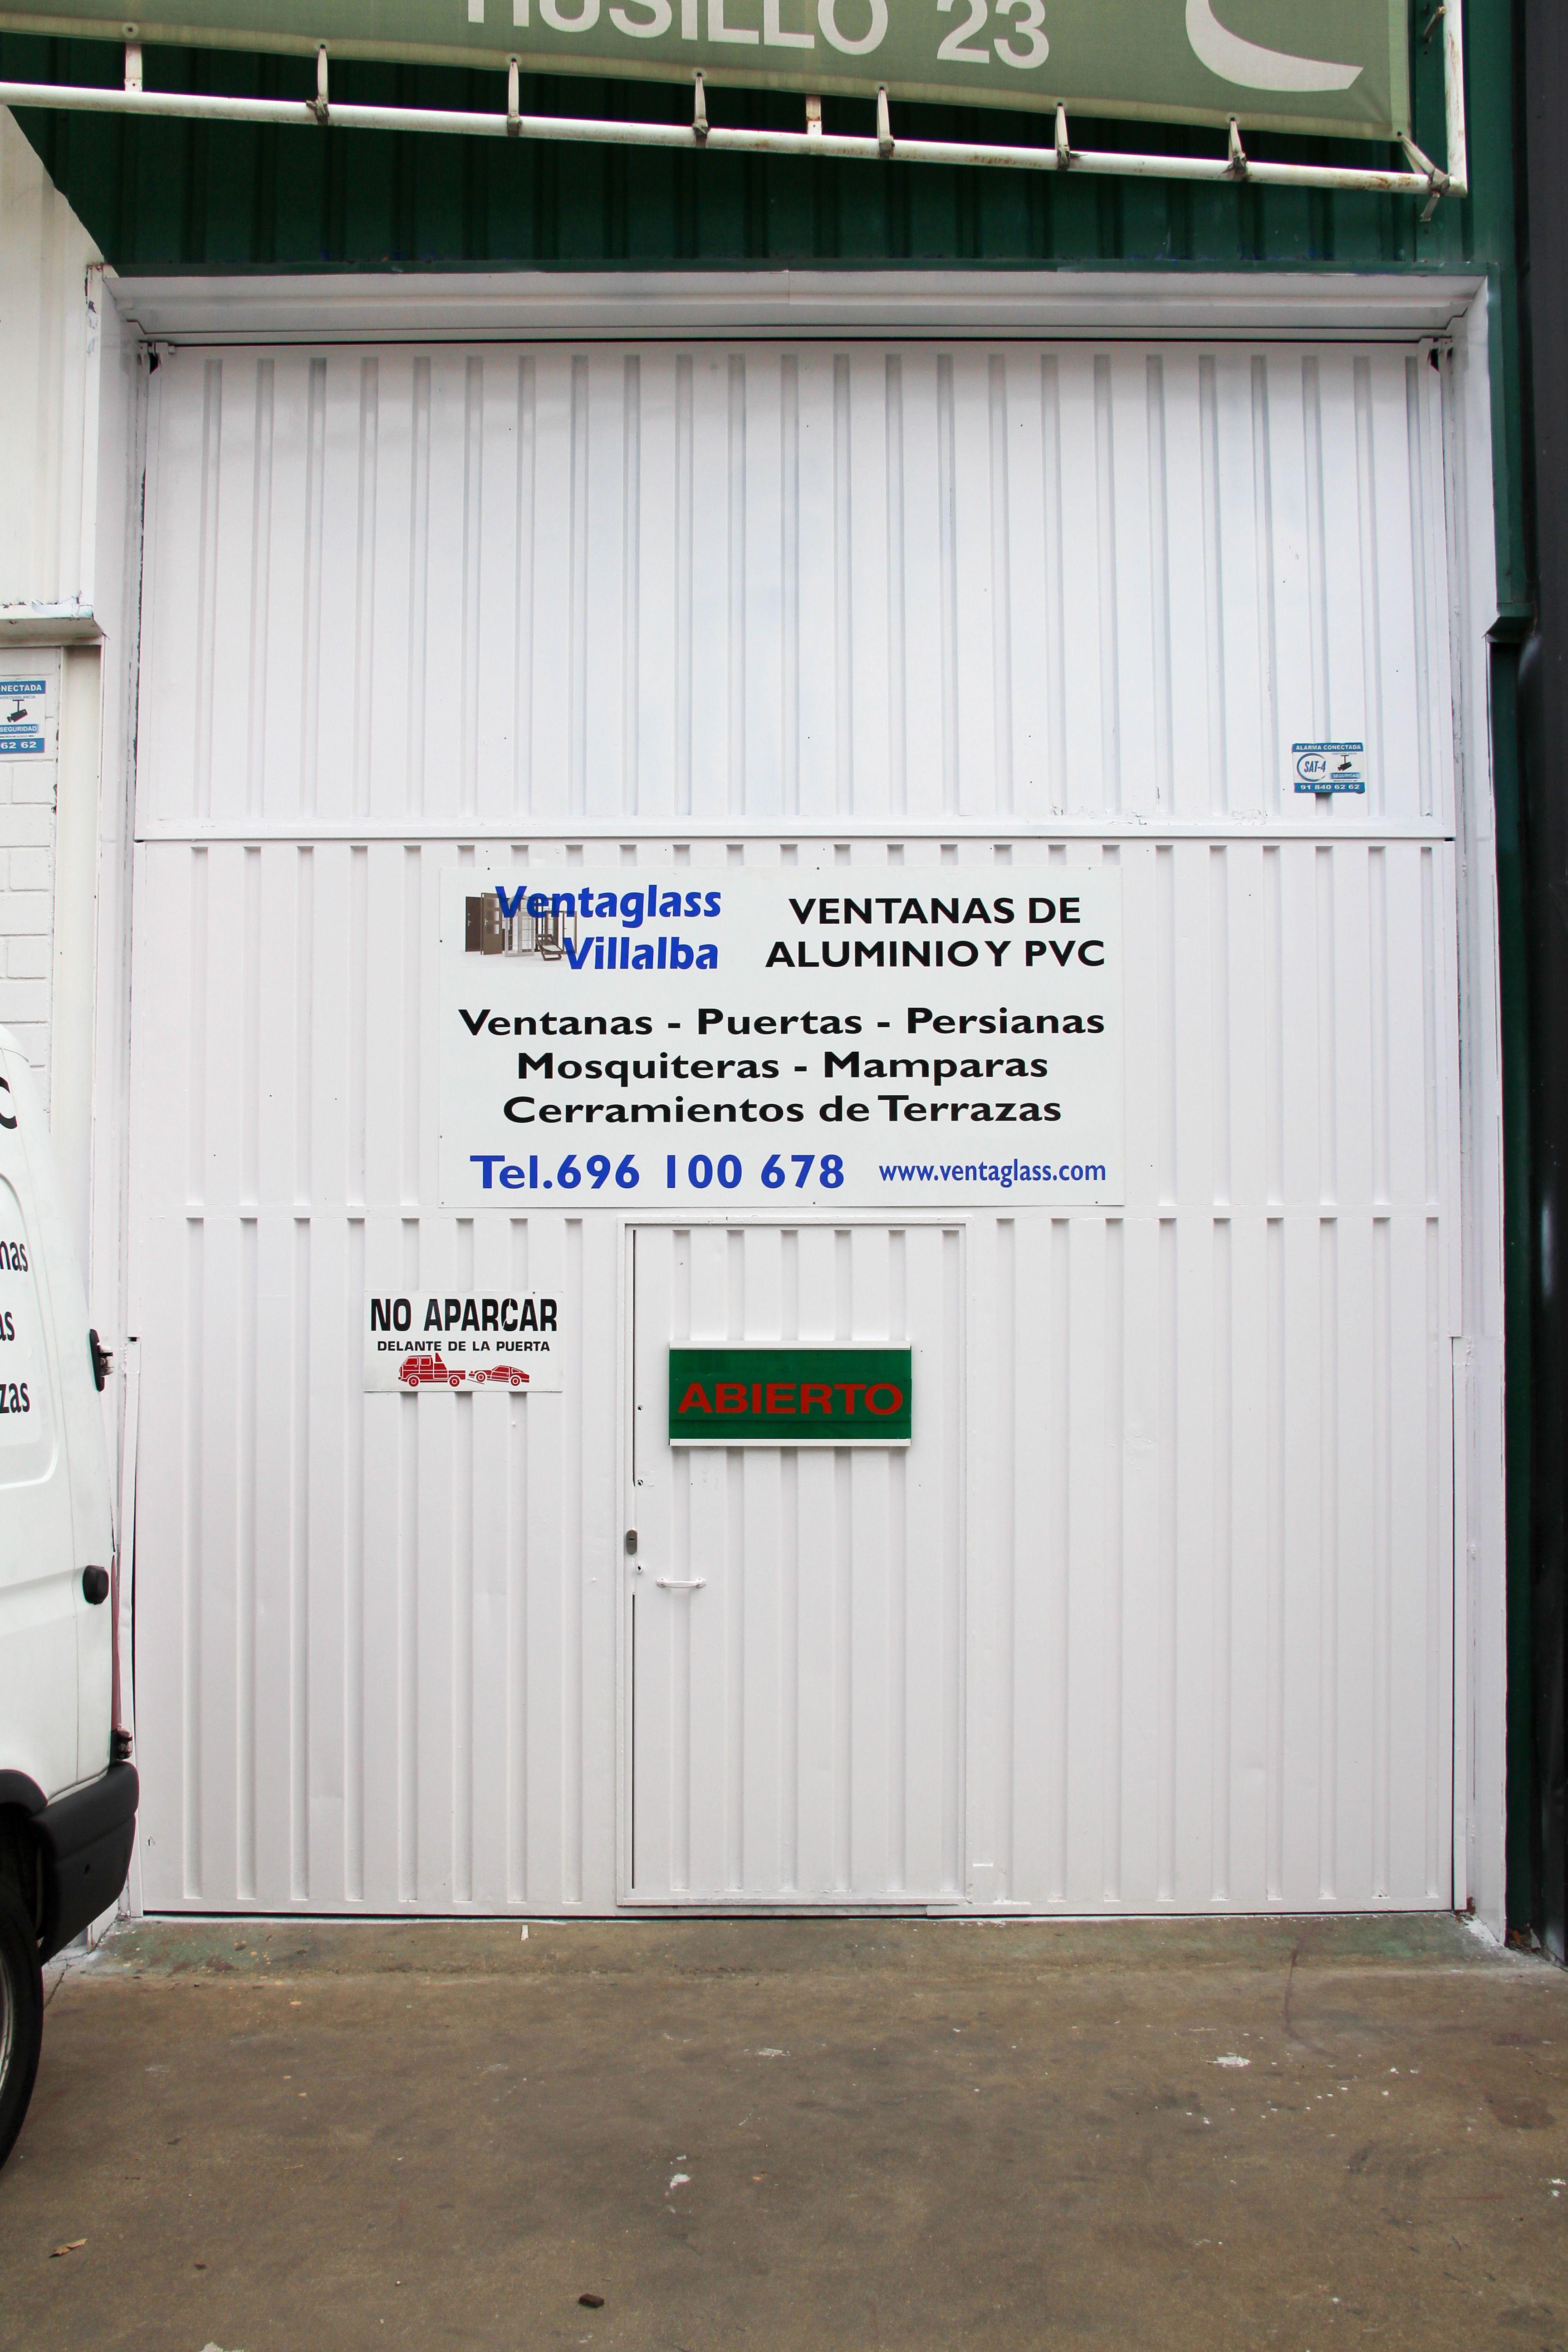 Entrada nave VENTAGLASS VILLALBA